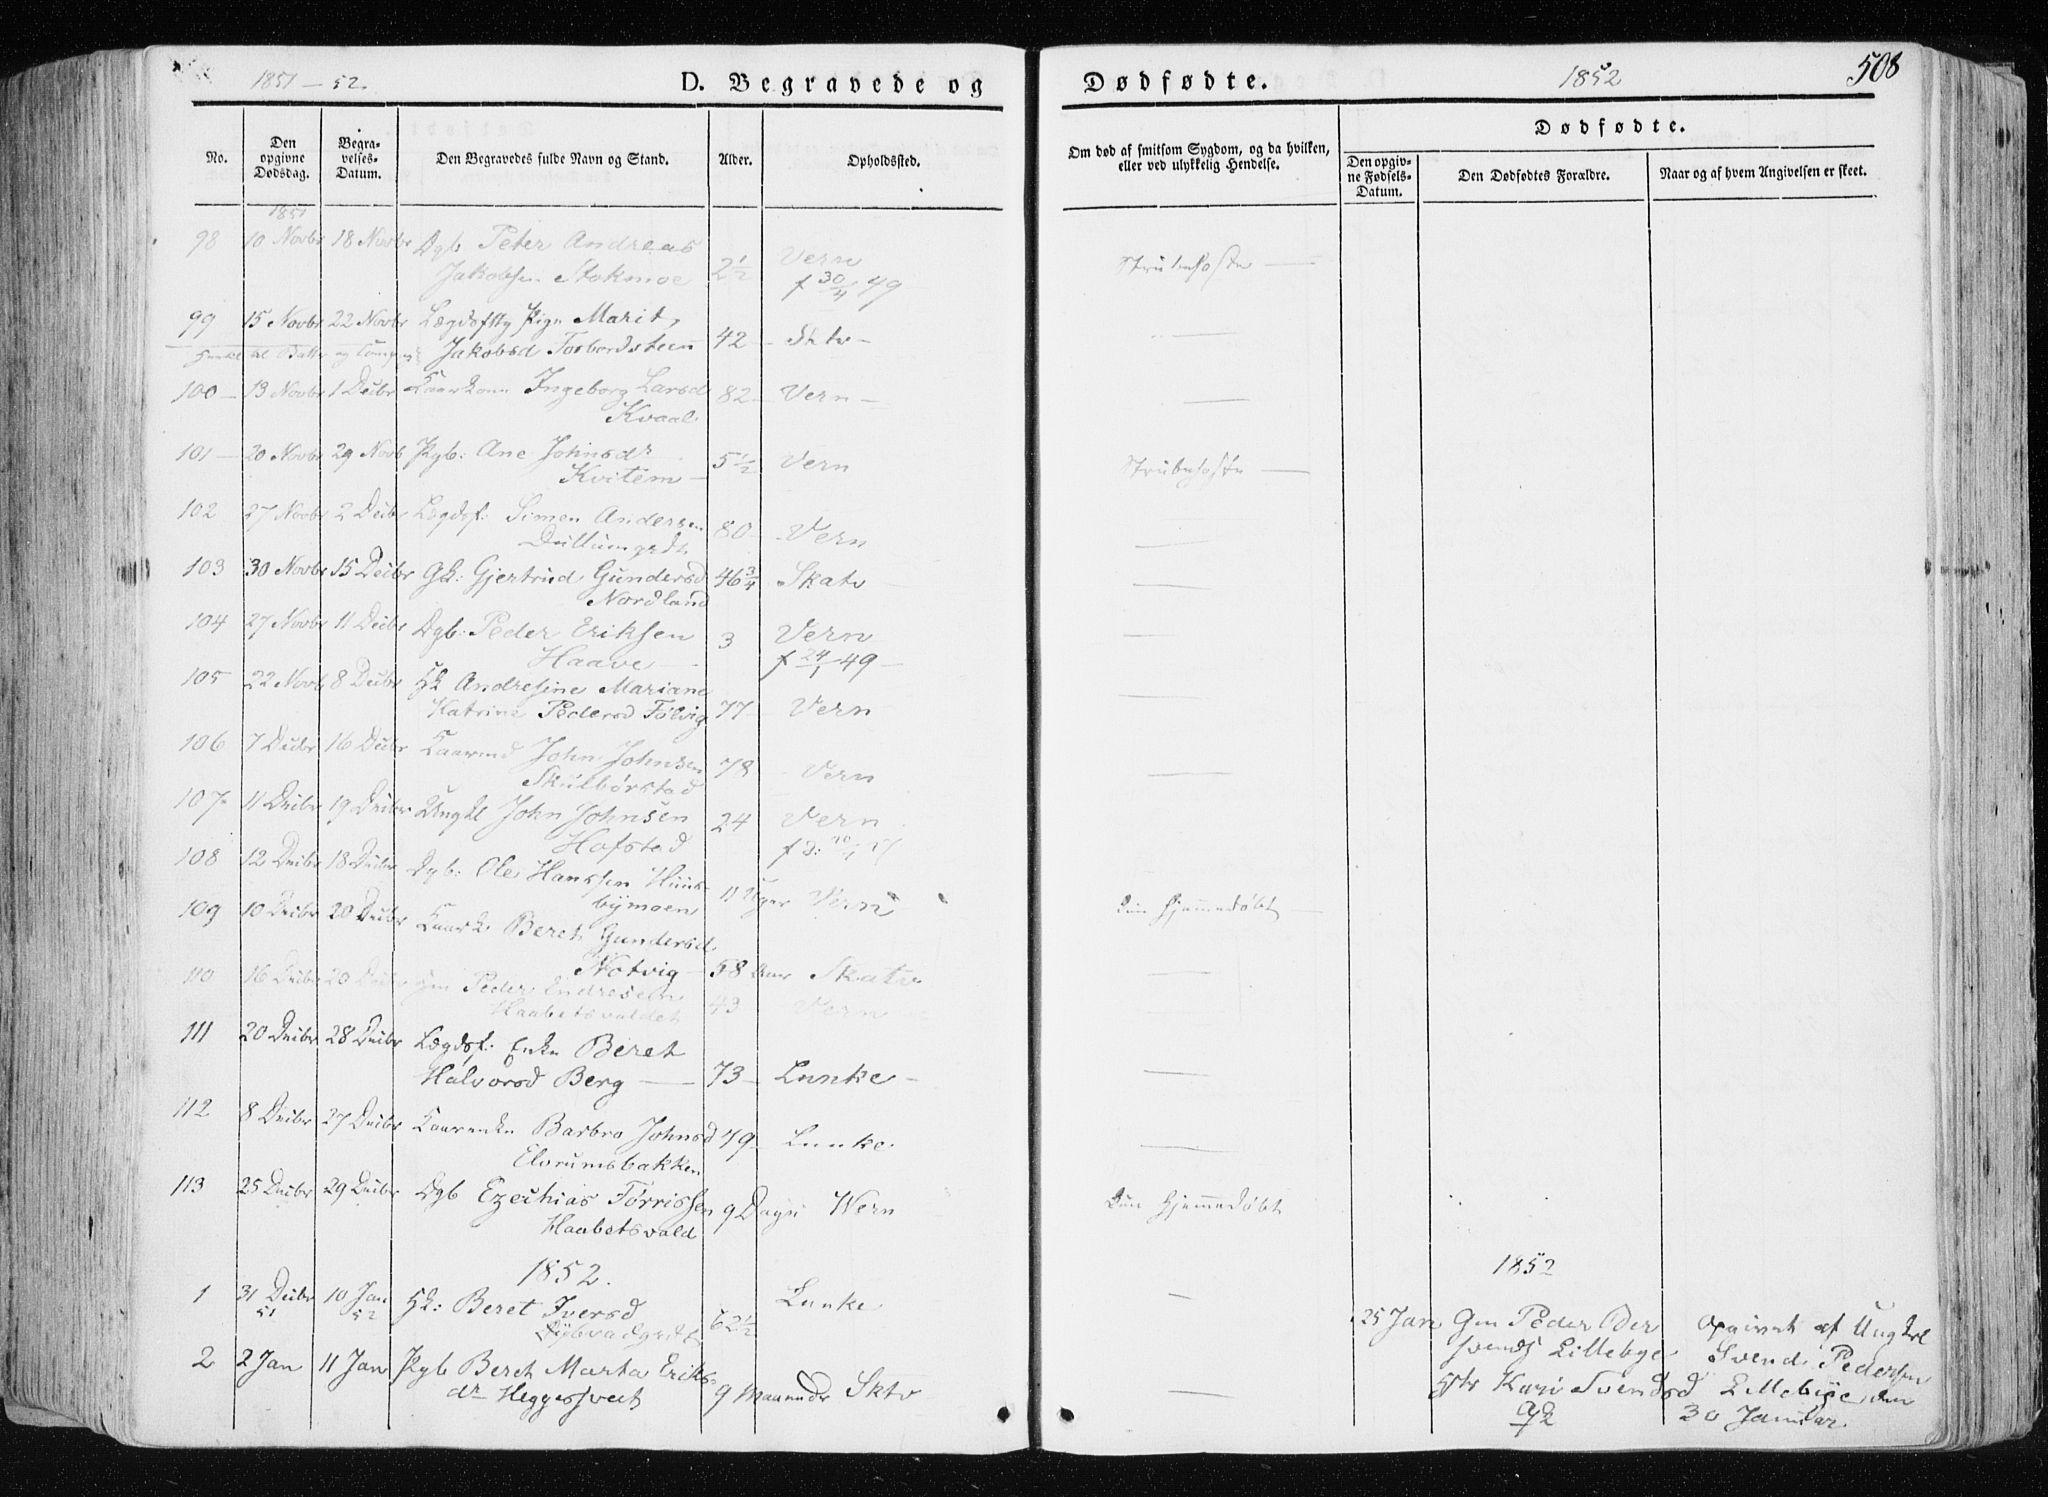 SAT, Ministerialprotokoller, klokkerbøker og fødselsregistre - Nord-Trøndelag, 709/L0074: Ministerialbok nr. 709A14, 1845-1858, s. 508